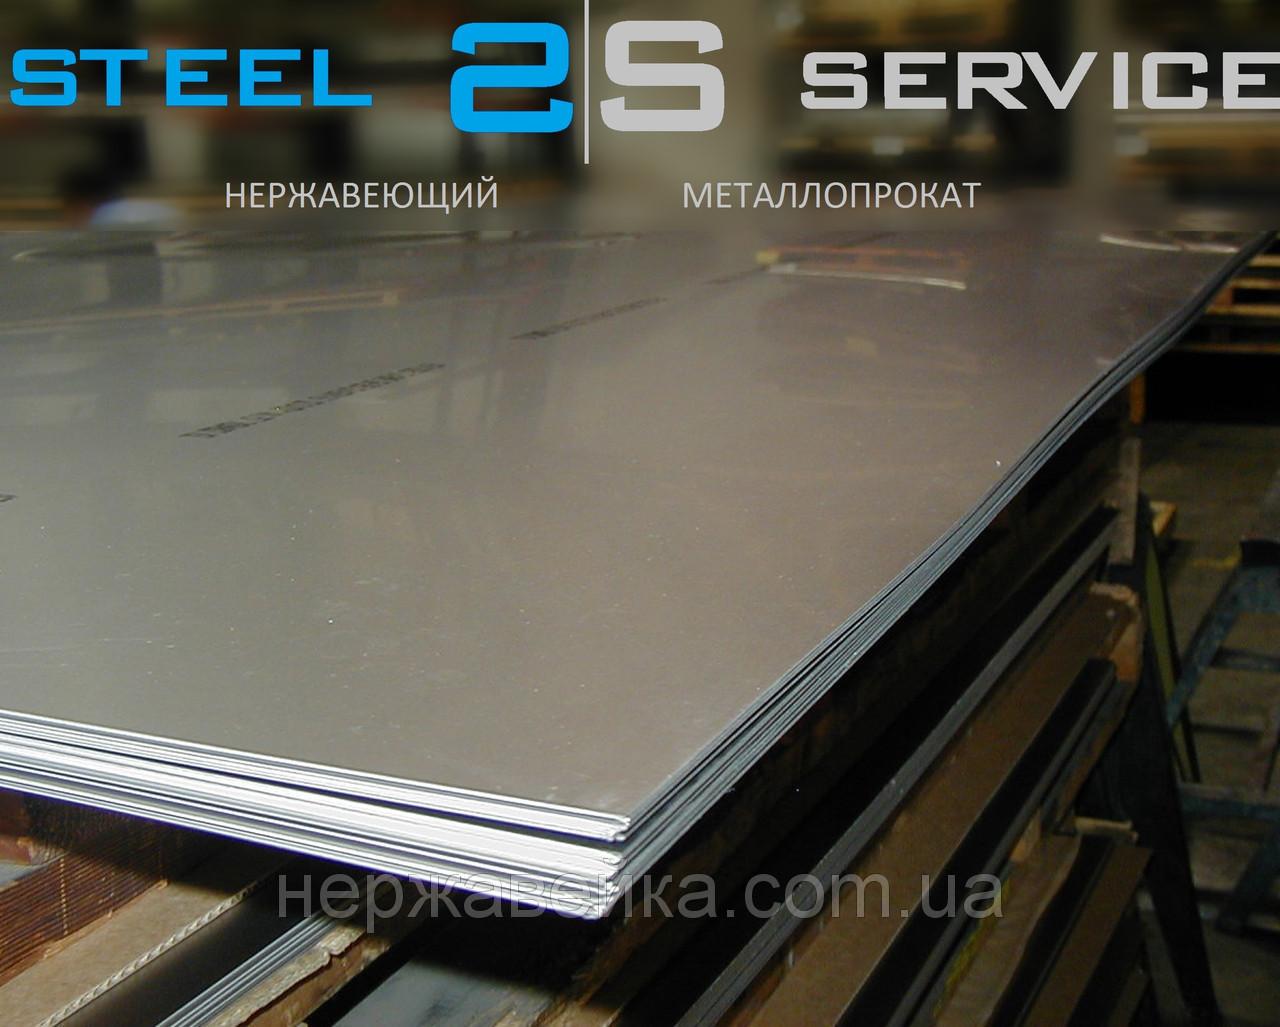 Нержавеющий лист 6х1250х2500мм  AISI 316Ti(10Х17Н13М2Т) F1 - горячекатанный,  кислотостойкий